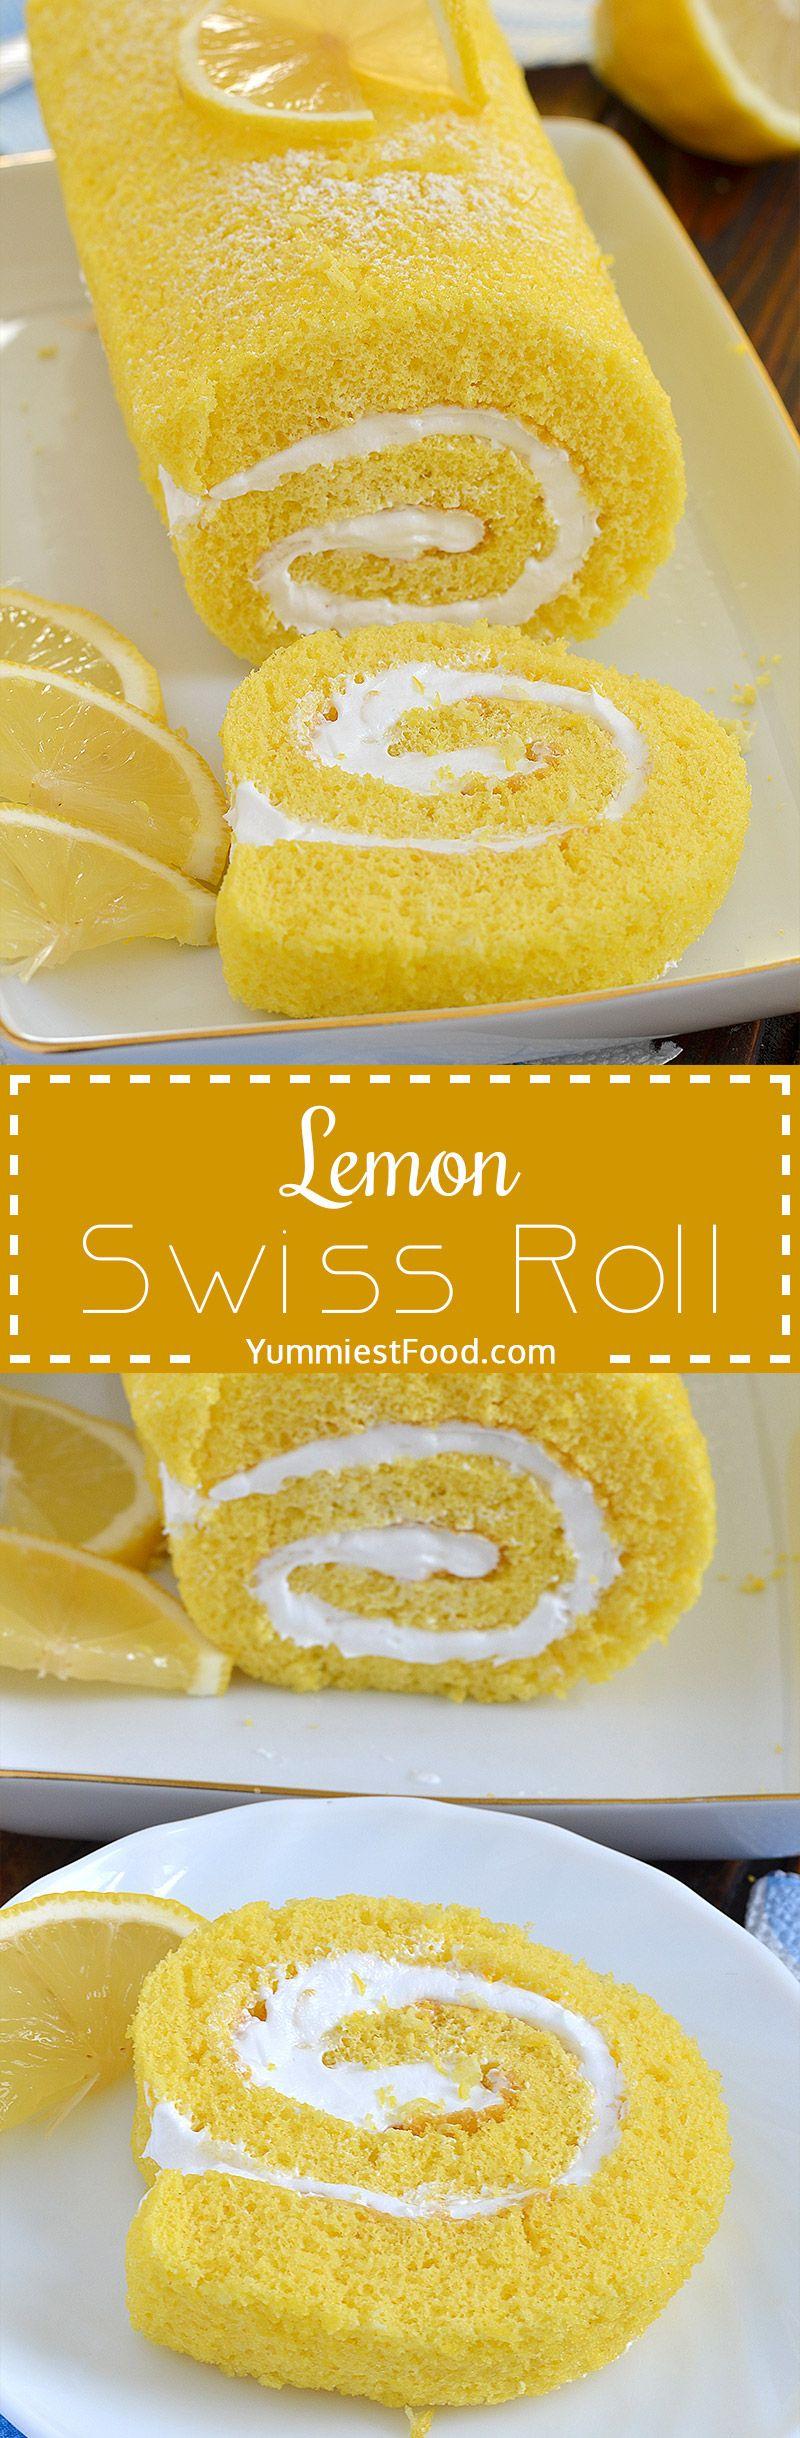 레몬 스위스 롤